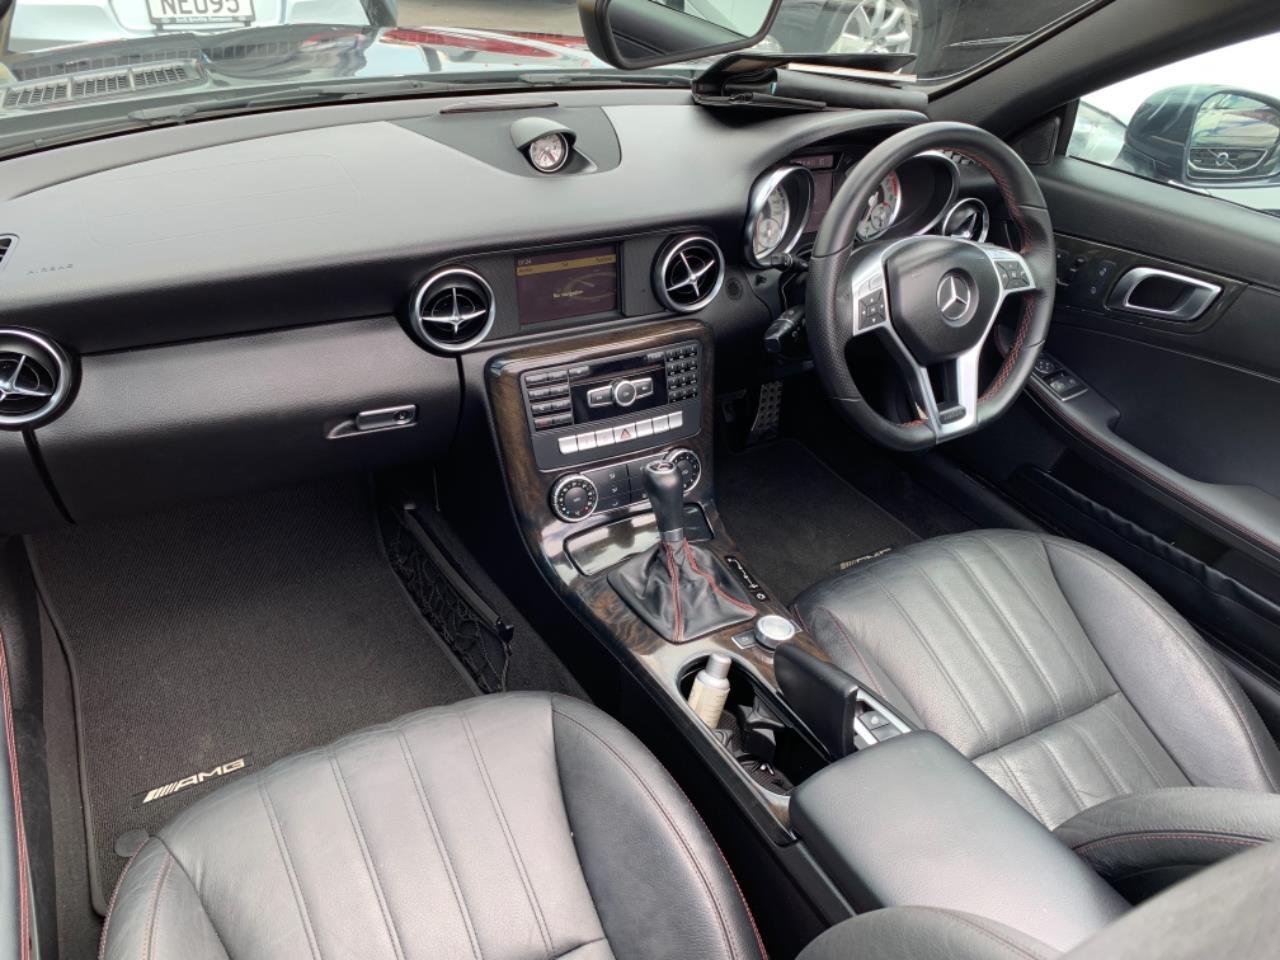 image-9, 2011 MercedesBenz SLK 350 3.5 Sport Leather at Christchurch